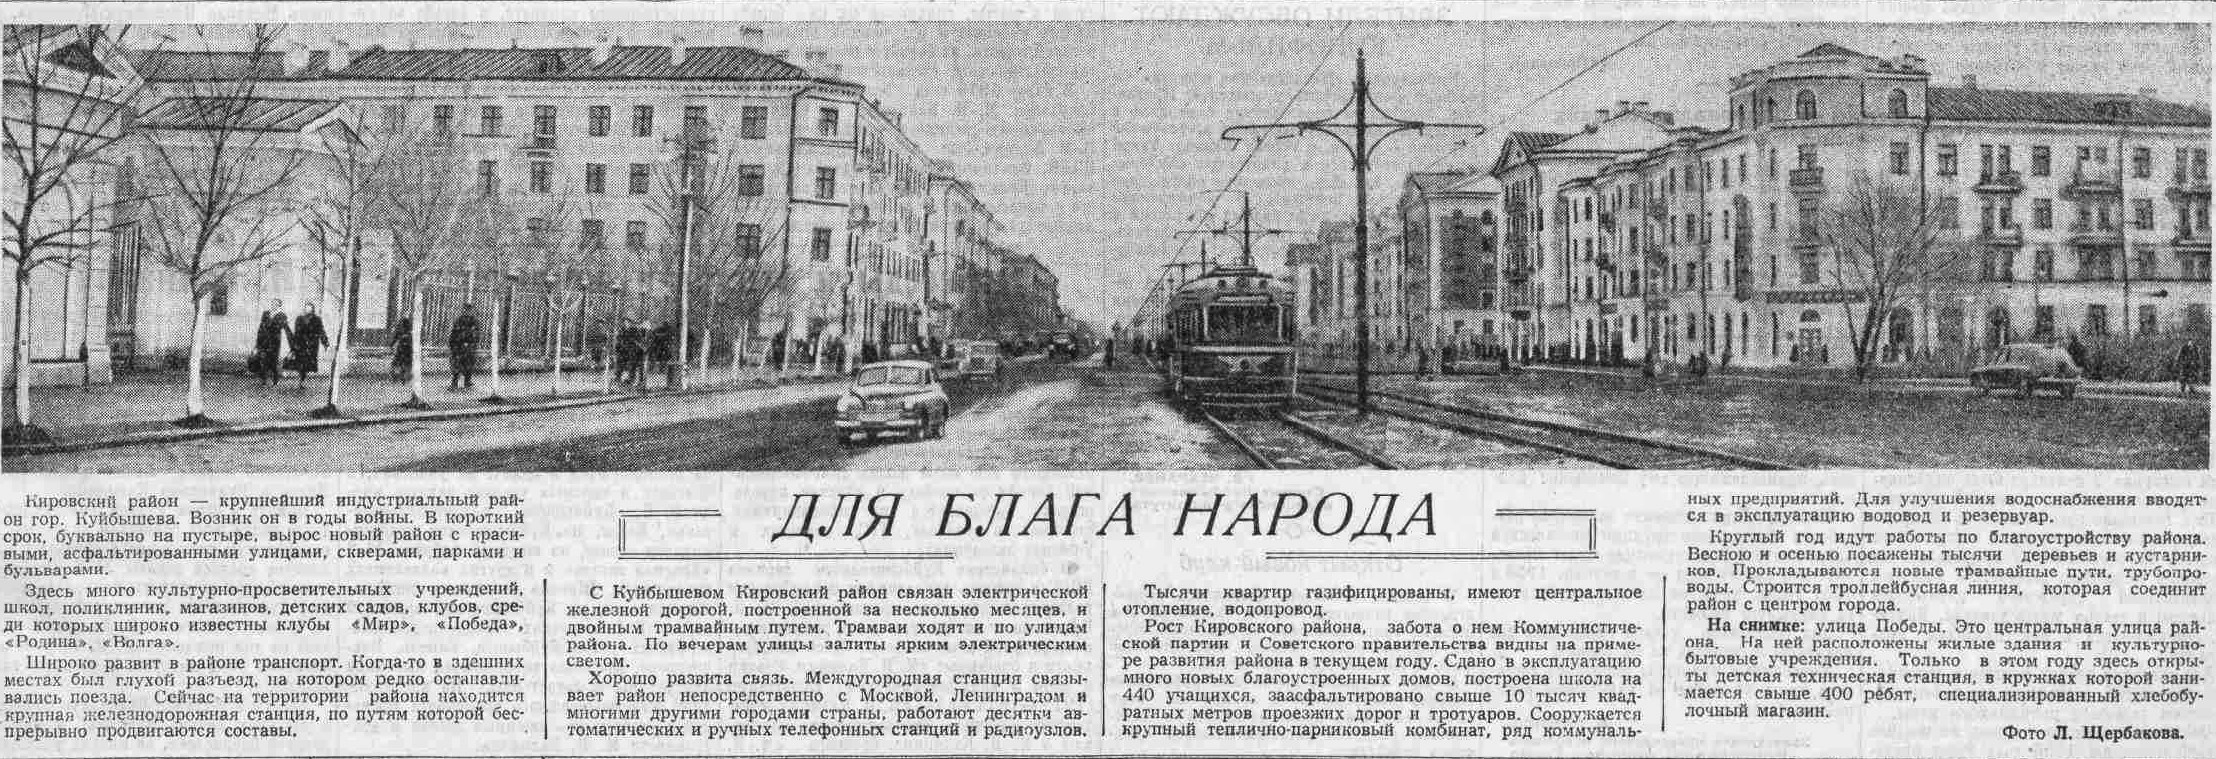 Победы-ФОТО-39-ВКа-1955-11-19-фото ул. Победы возле сквера